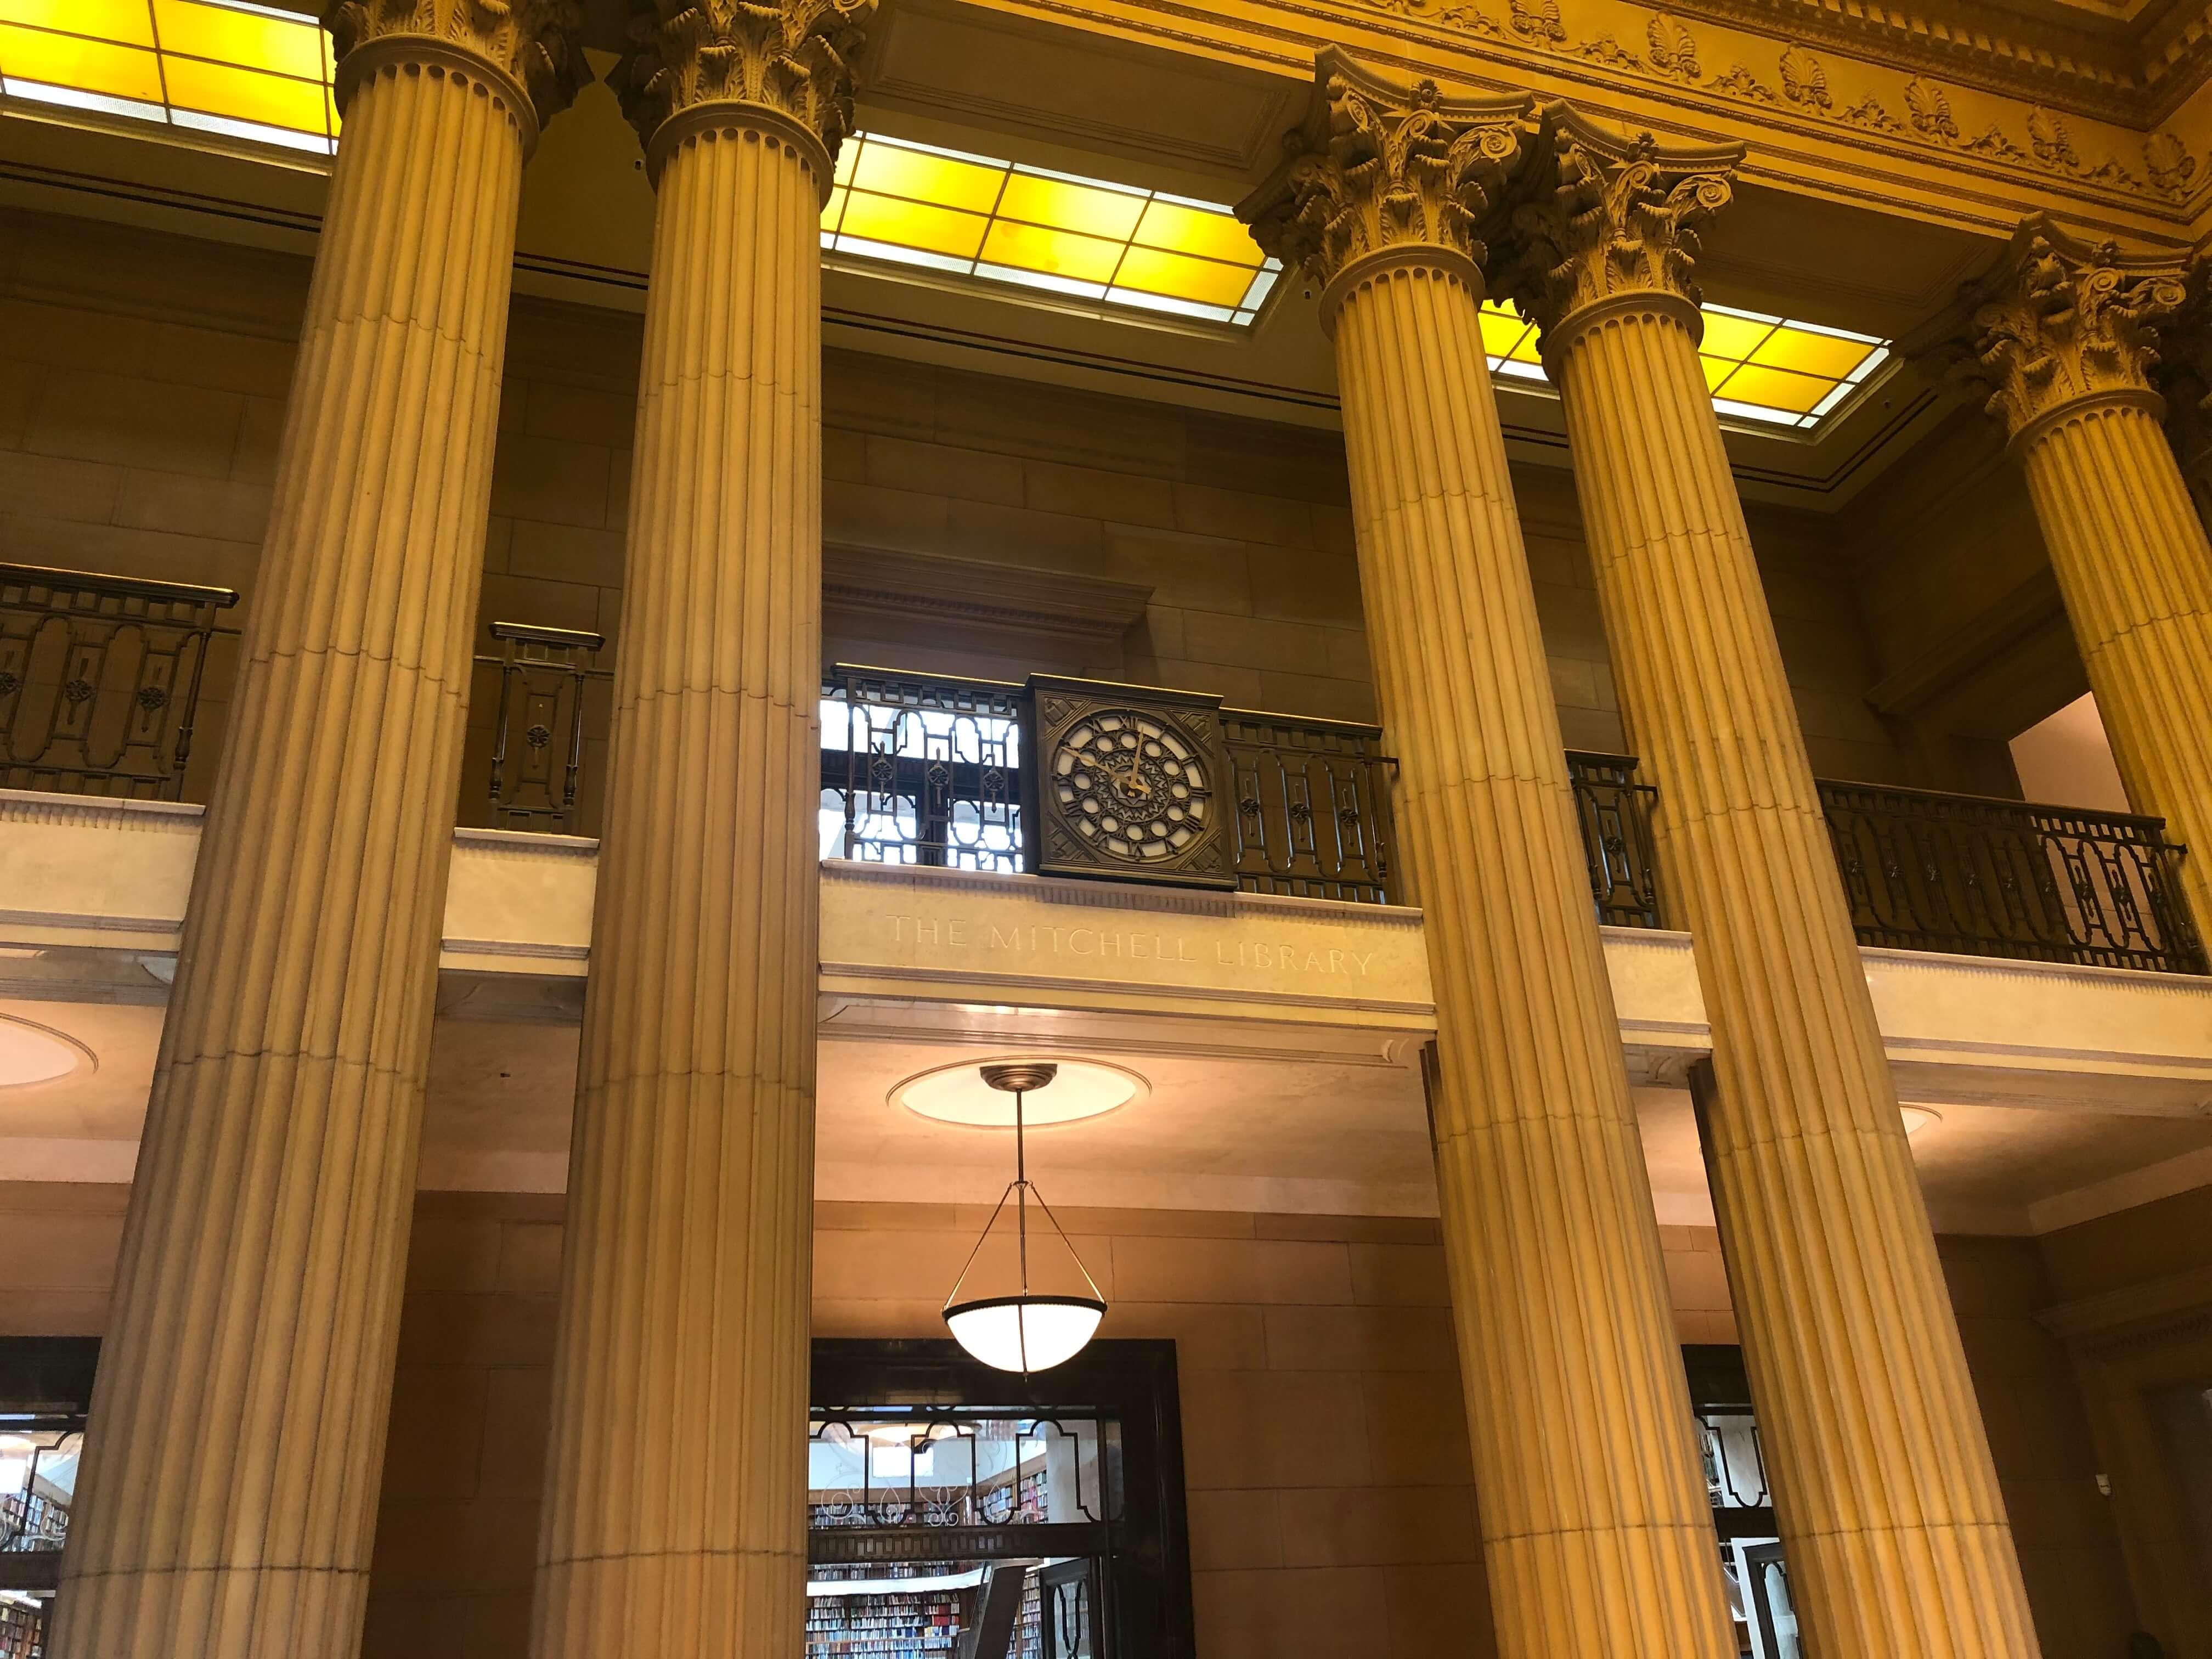 シドニー州立図書館の旧館すぐの景色